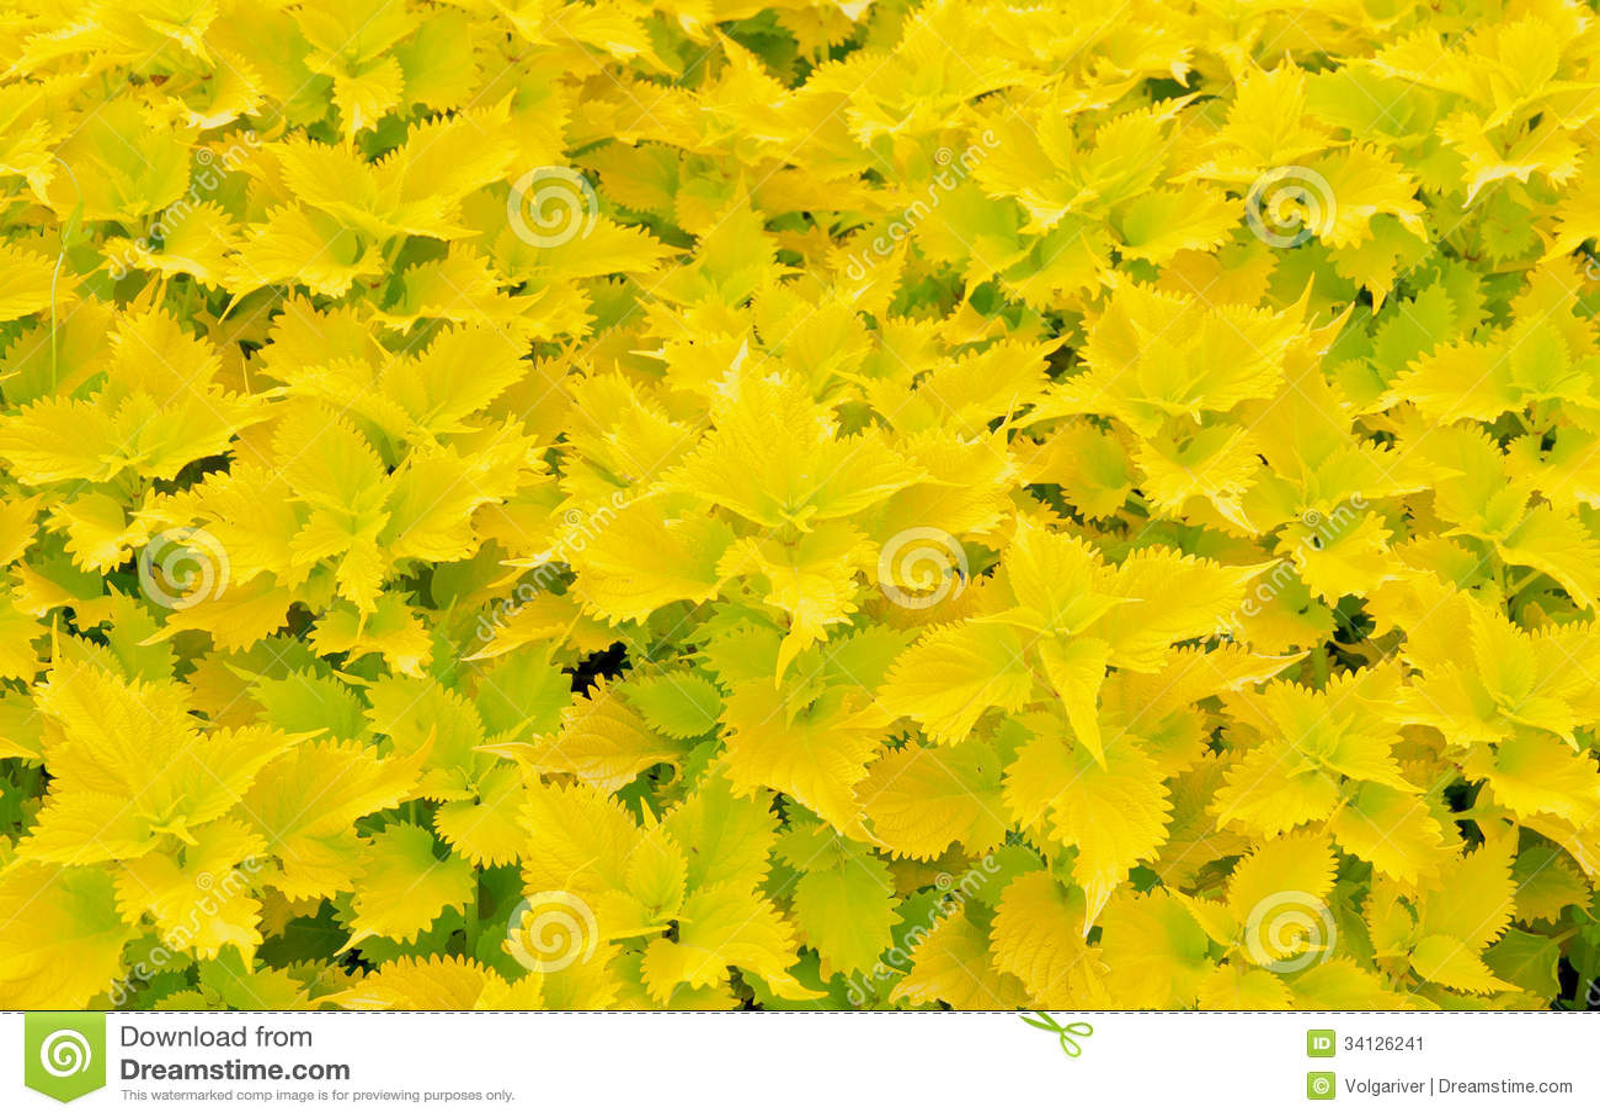 flores para jardim verao : flores para jardim verao:Plantas Do Coleus No Jardim Do Verão. Imagem de Stock – Imagem